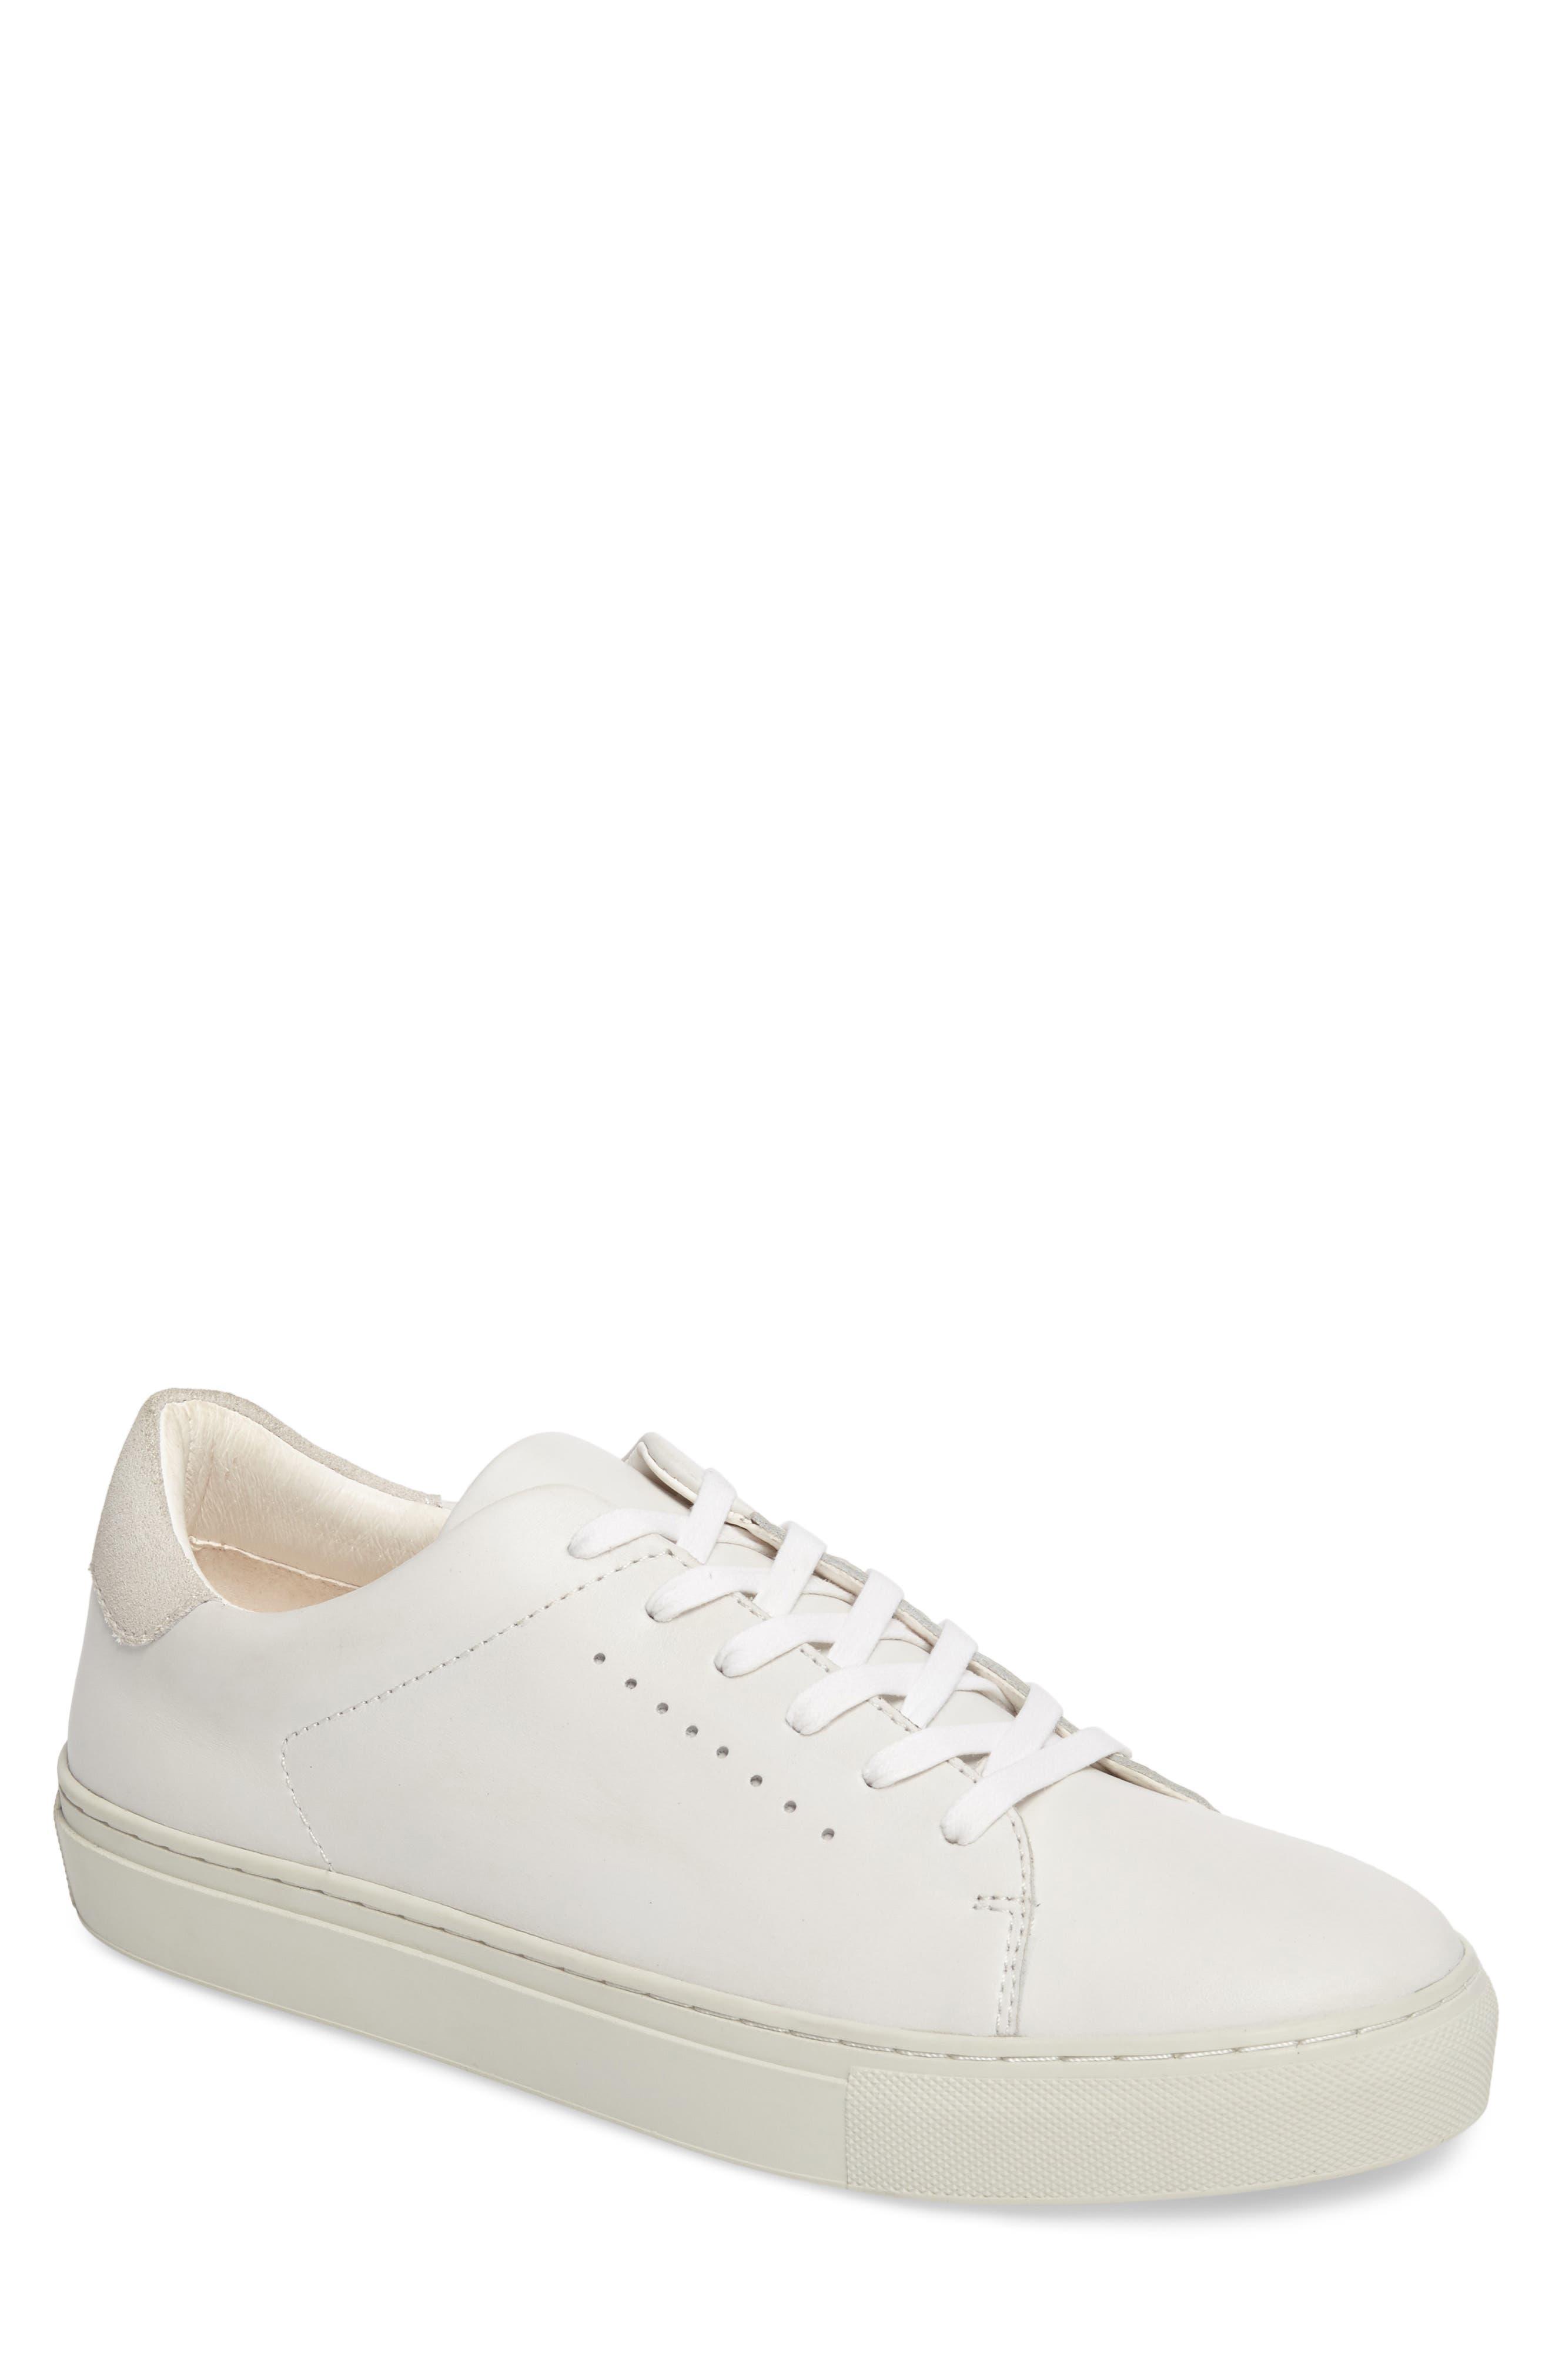 Desmond Sneaker,                         Main,                         color, WHITE LEATHER